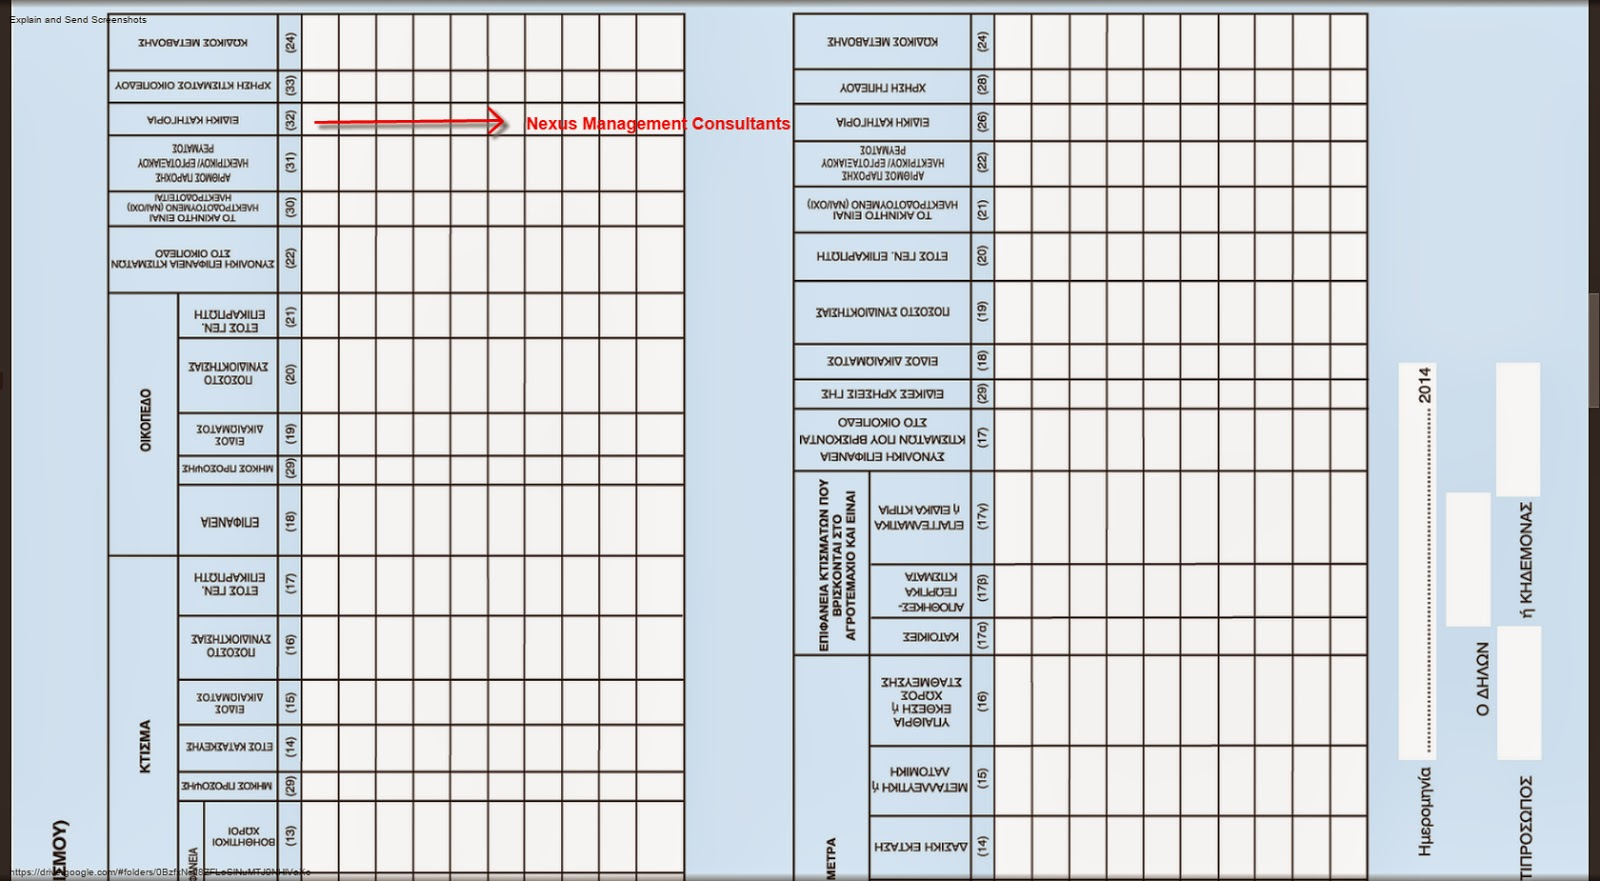 ΕΝΦΙΑ, Ενιαίος Φόρος Ιδιοκτησίας Ακινήτων, Ενιαίο τέλος ακινήτων και υπολογισμός του με παράδειγμα, φορολογία ακινήτων, 2015,